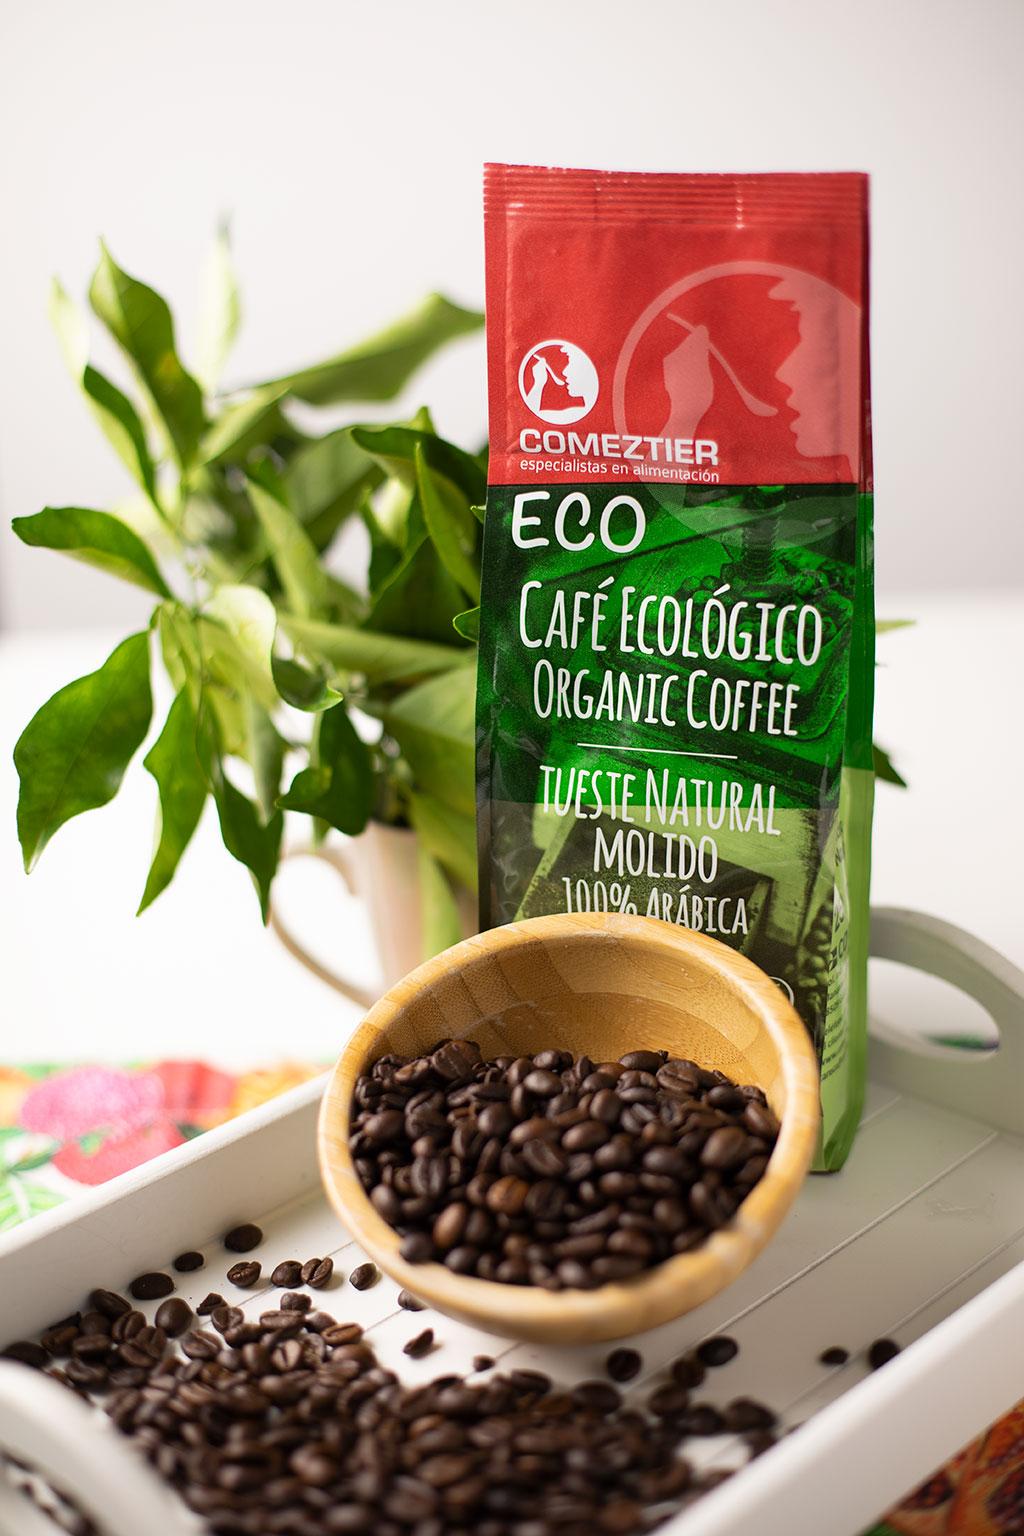 Café Ecológico Comeztier